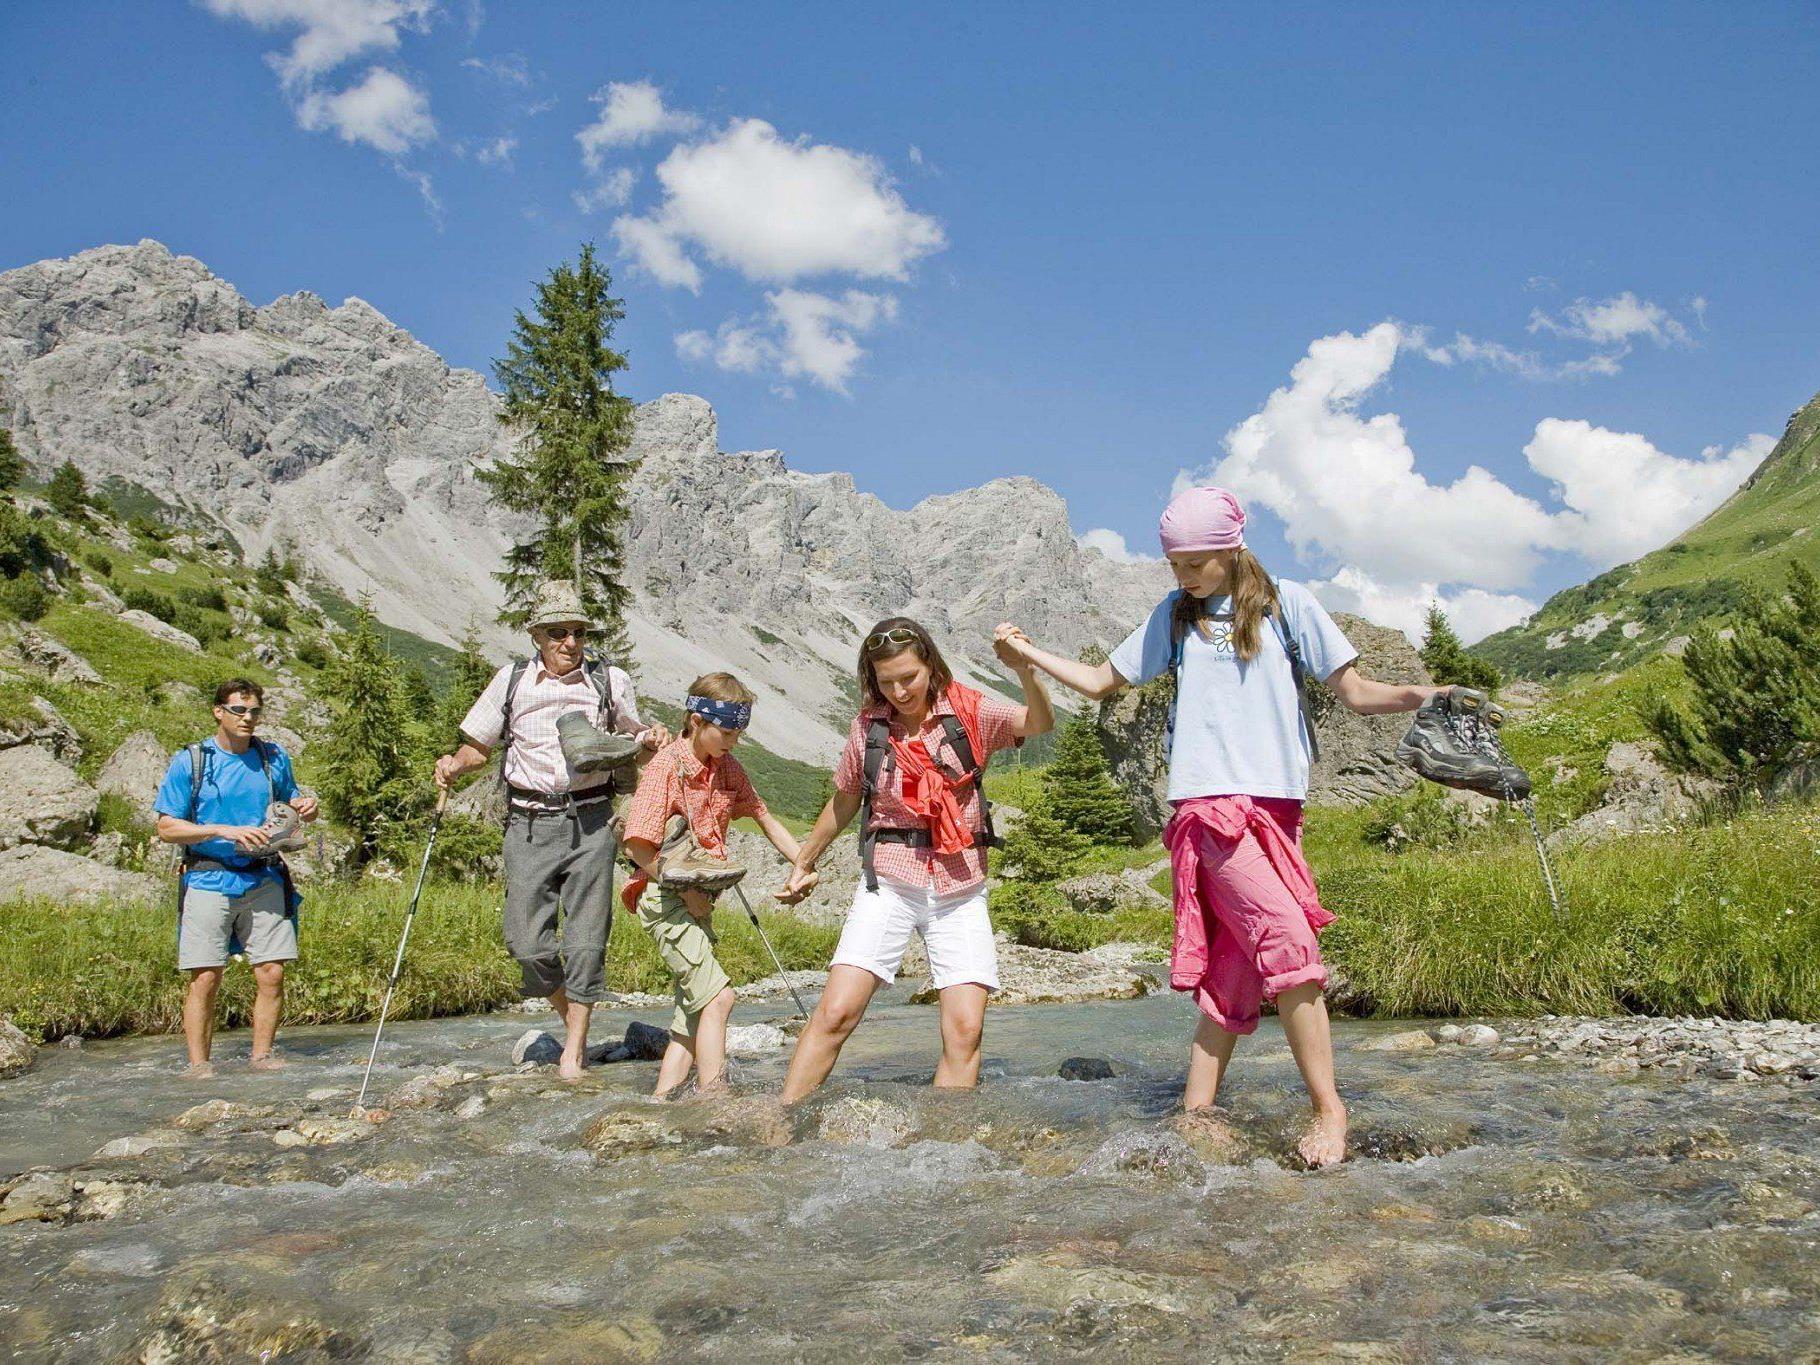 Machen Sie Urlaub in den schönen Vorarlberger Alpen oder zieht es Sie weg?